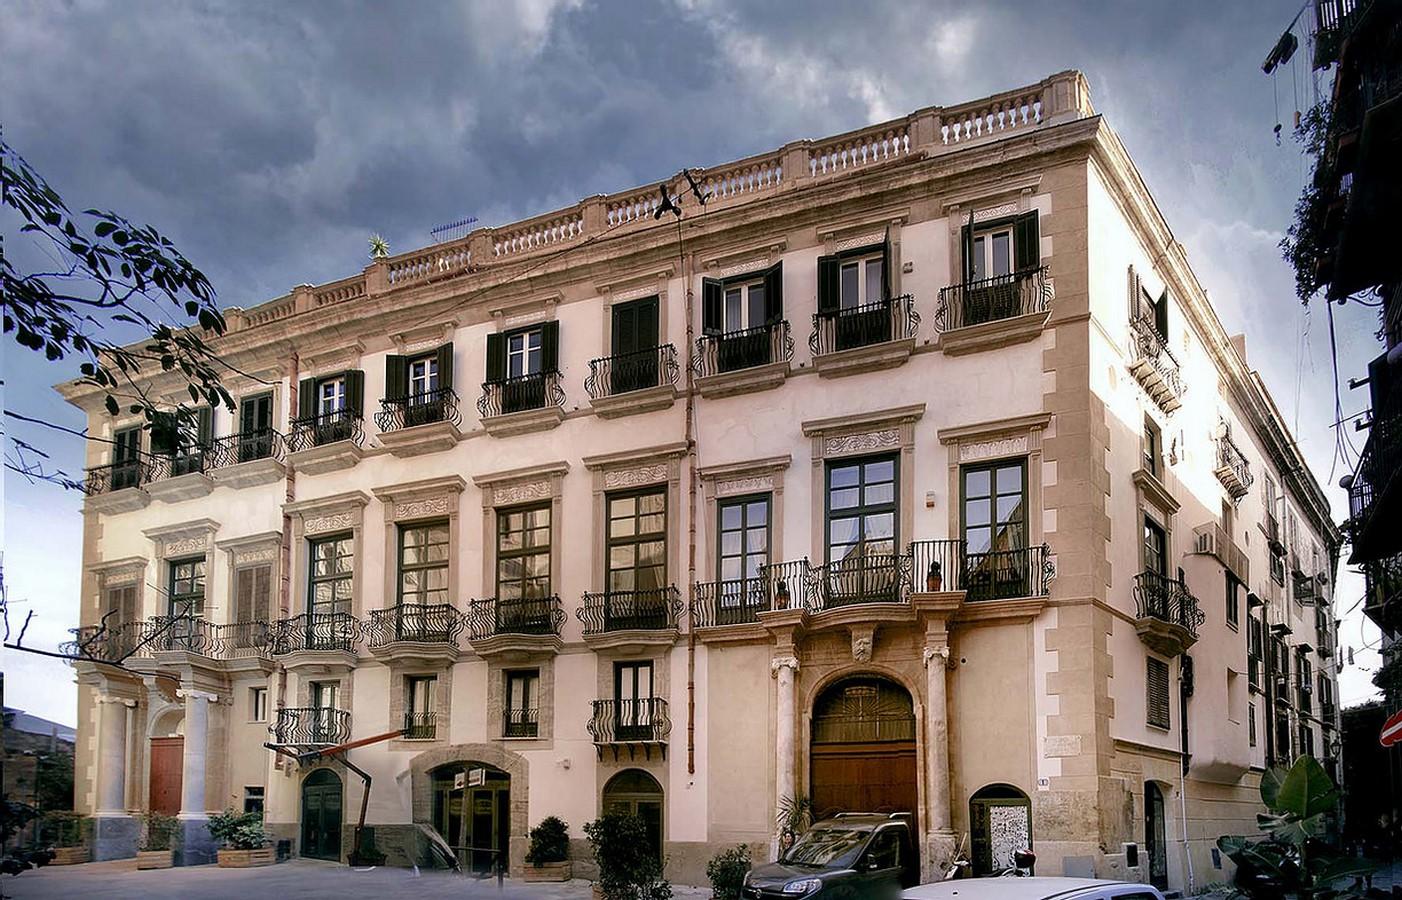 Architects in Palermo - Top 35 Architects in Palermo - Sheet3